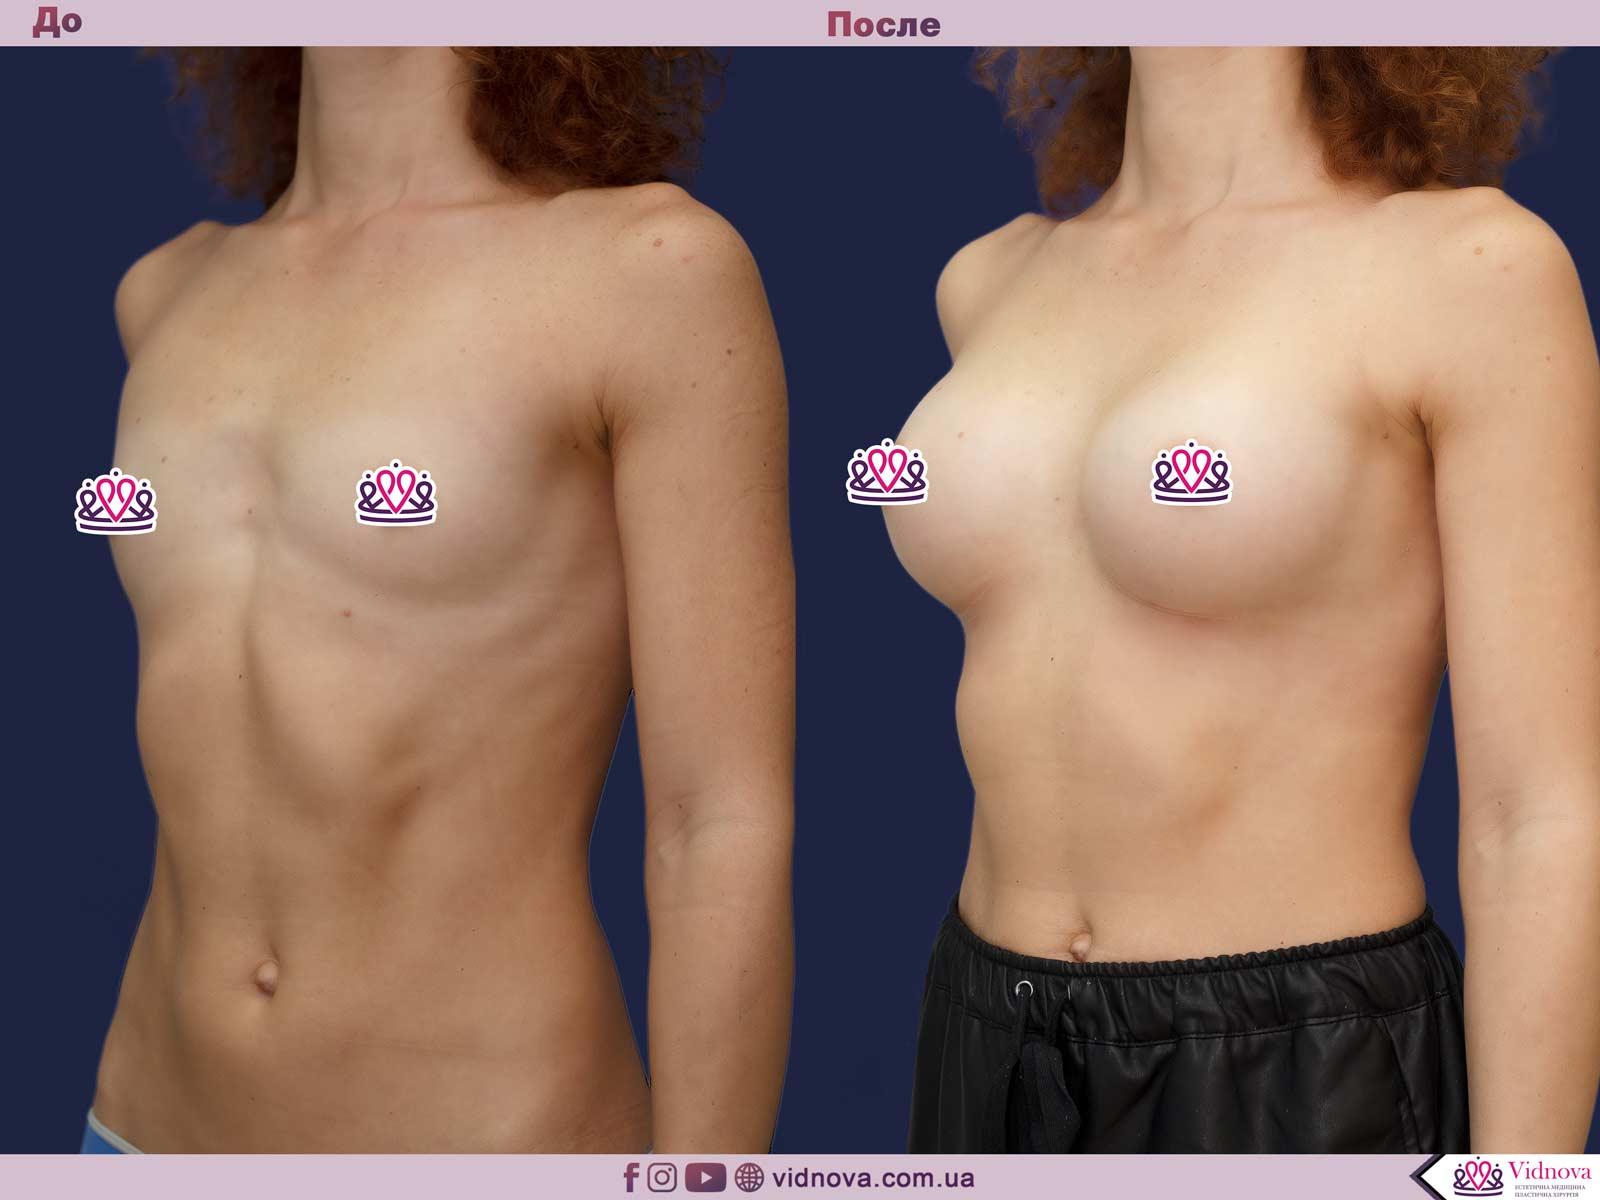 Пластика груди: результаты до и после - Пример №28-1 - Светлана Работенко